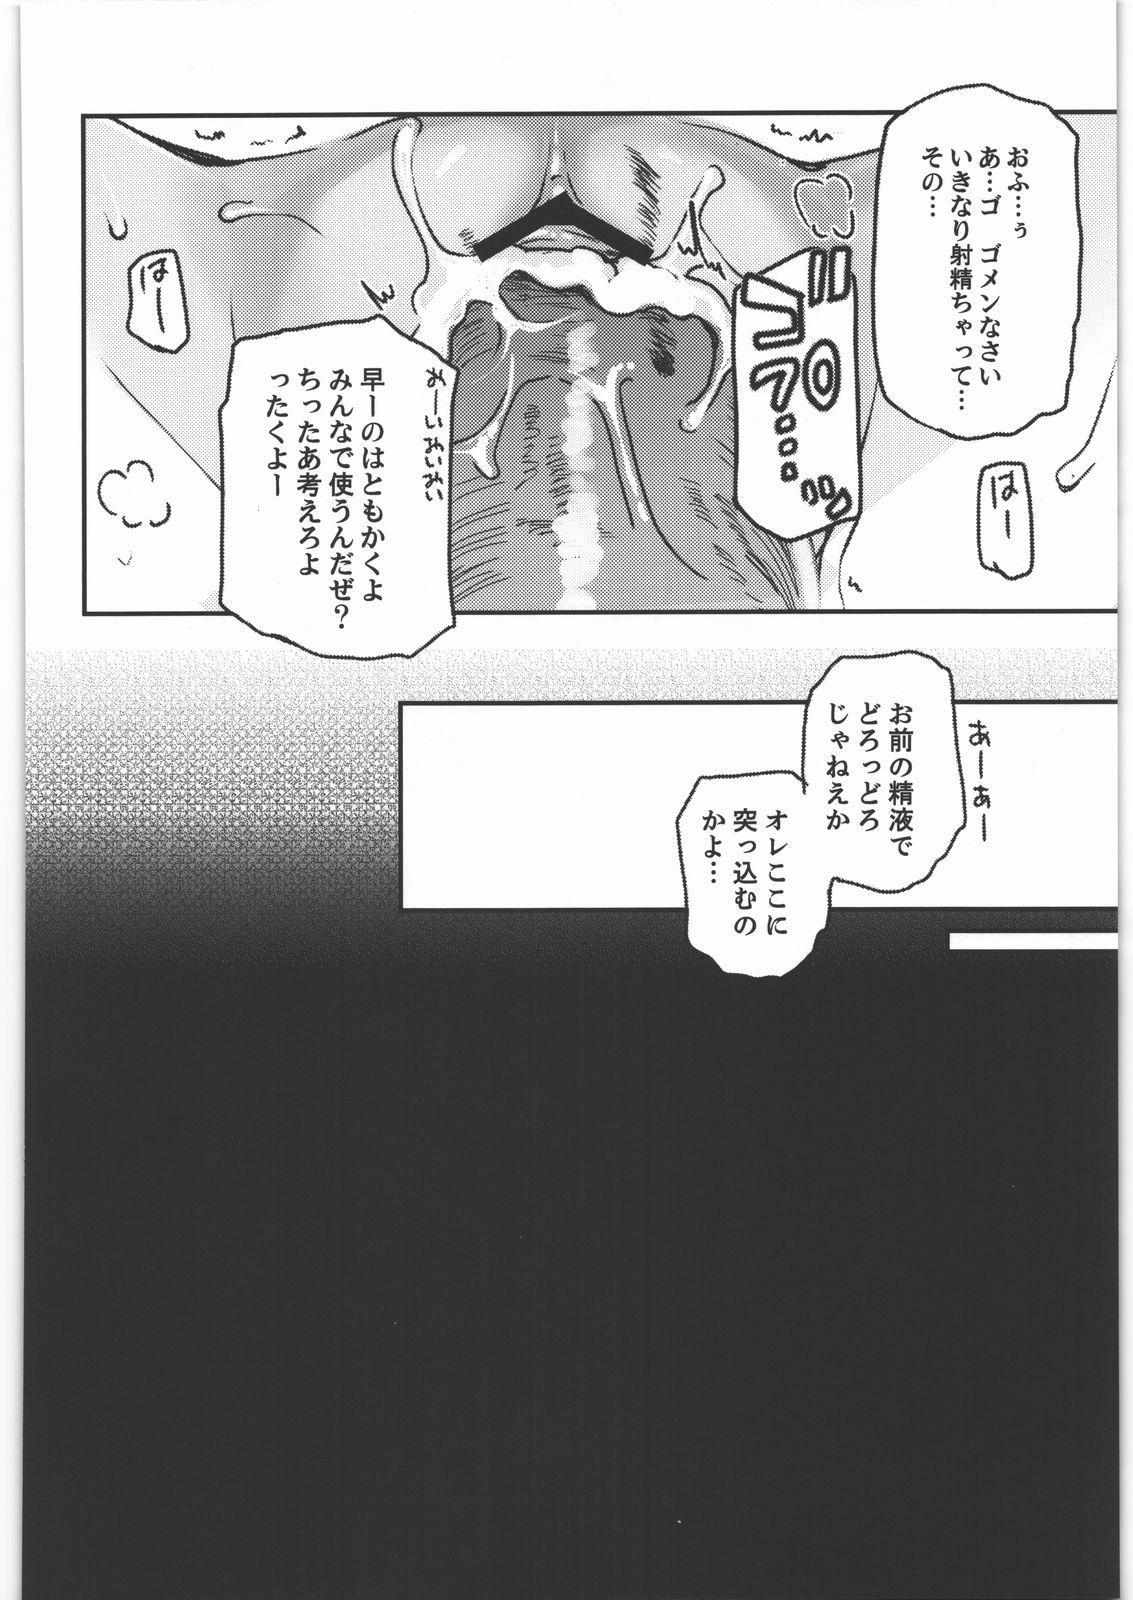 Kamisama Love Dolls 18